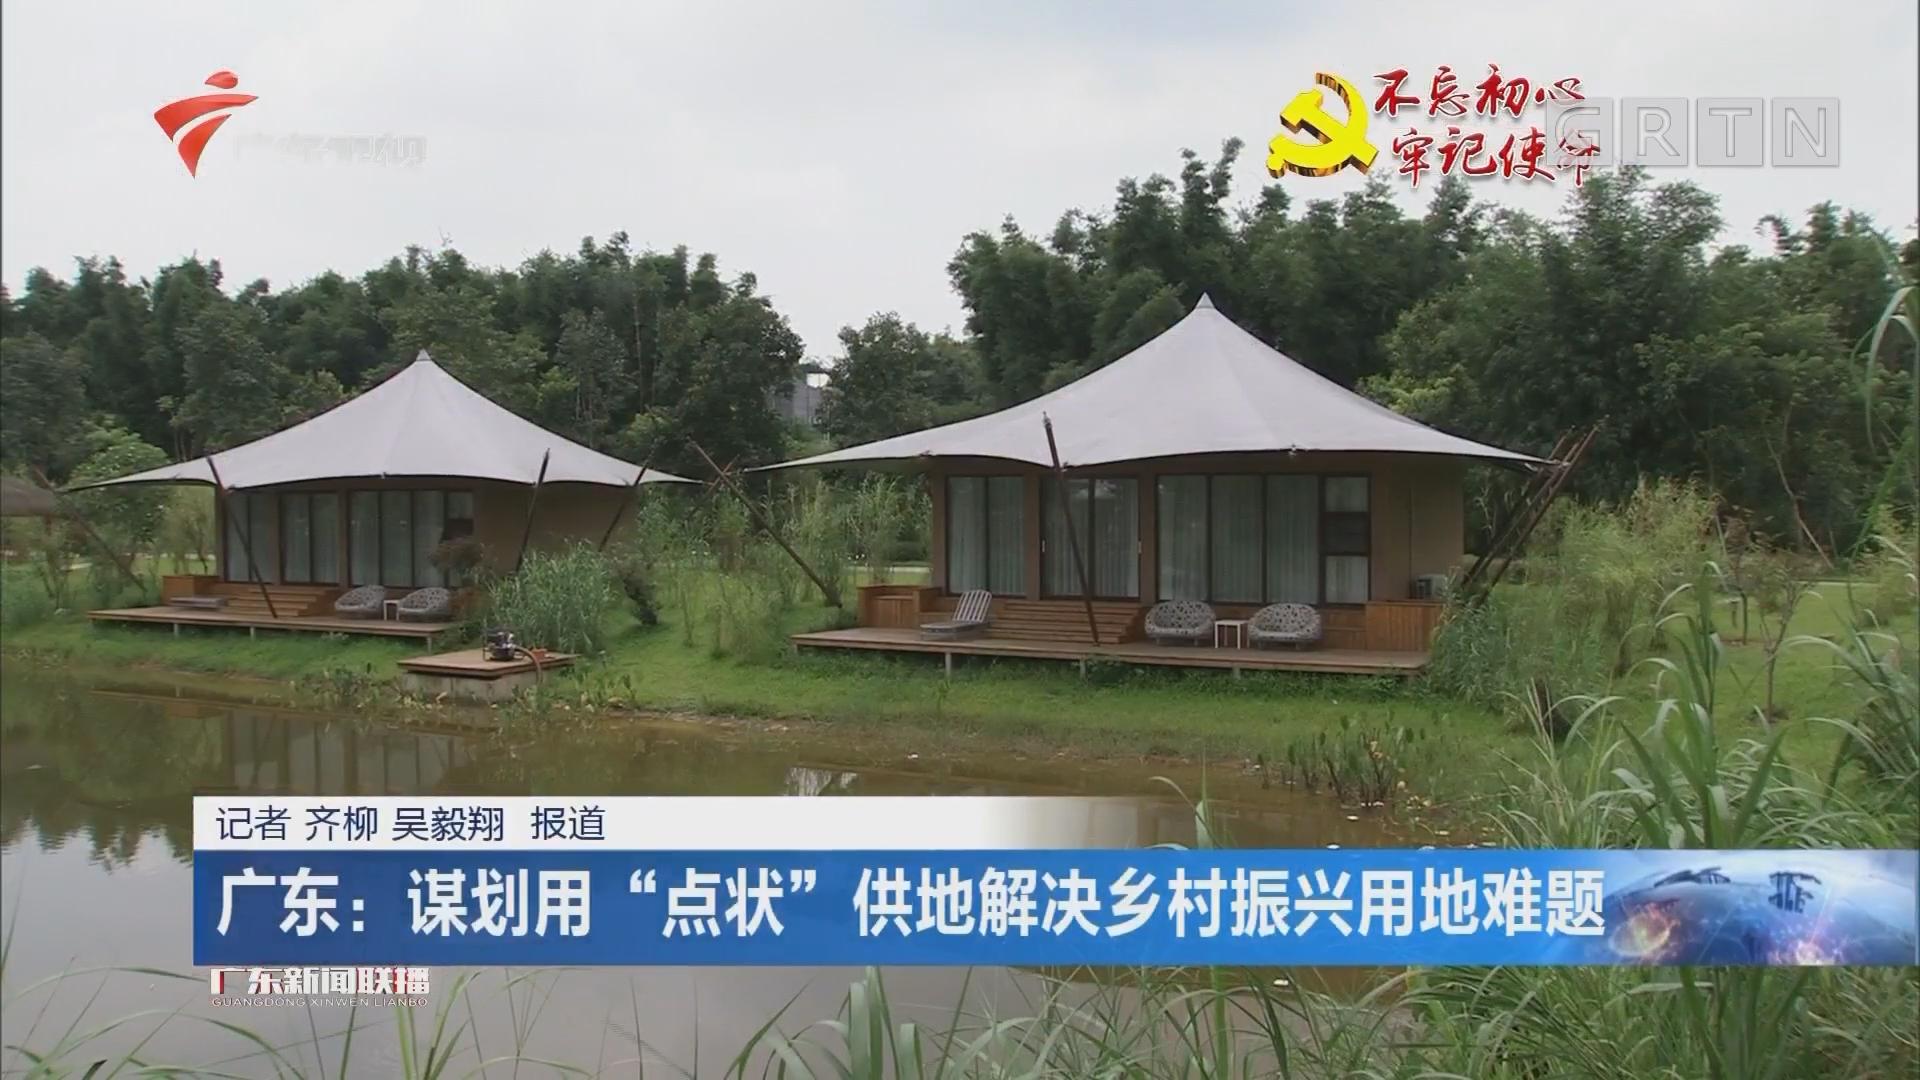 """广东:谋划用""""点状"""" 供地解决乡村振兴用地难题"""